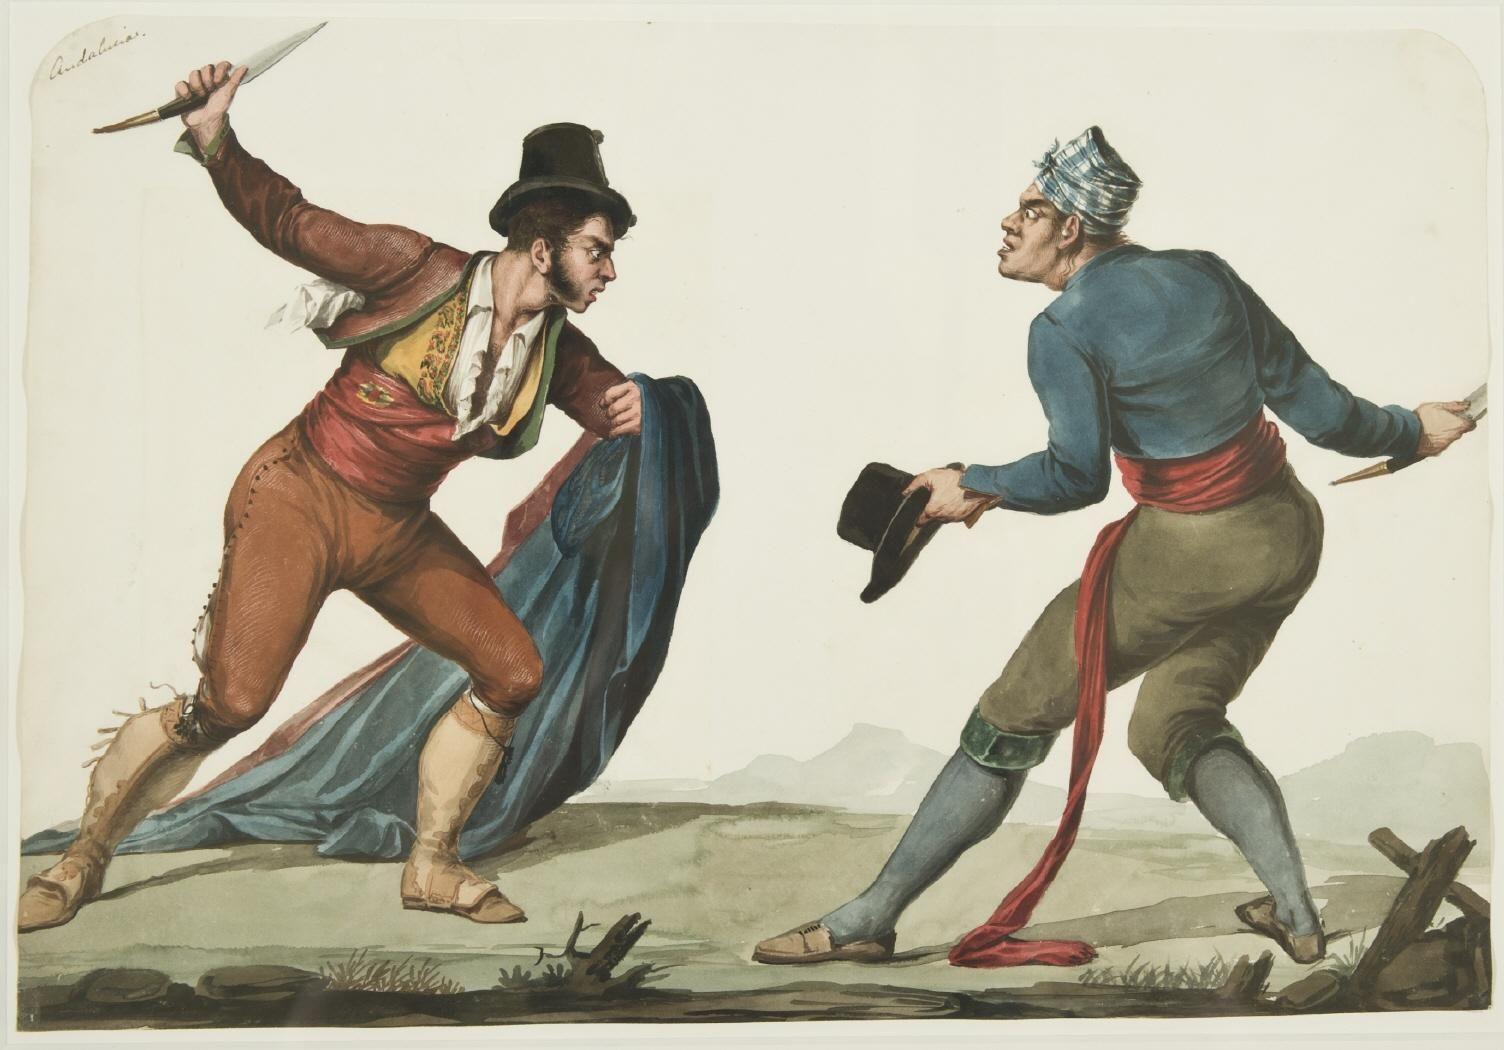 история ножевой бой спорт отвратительные мужики disgusting men